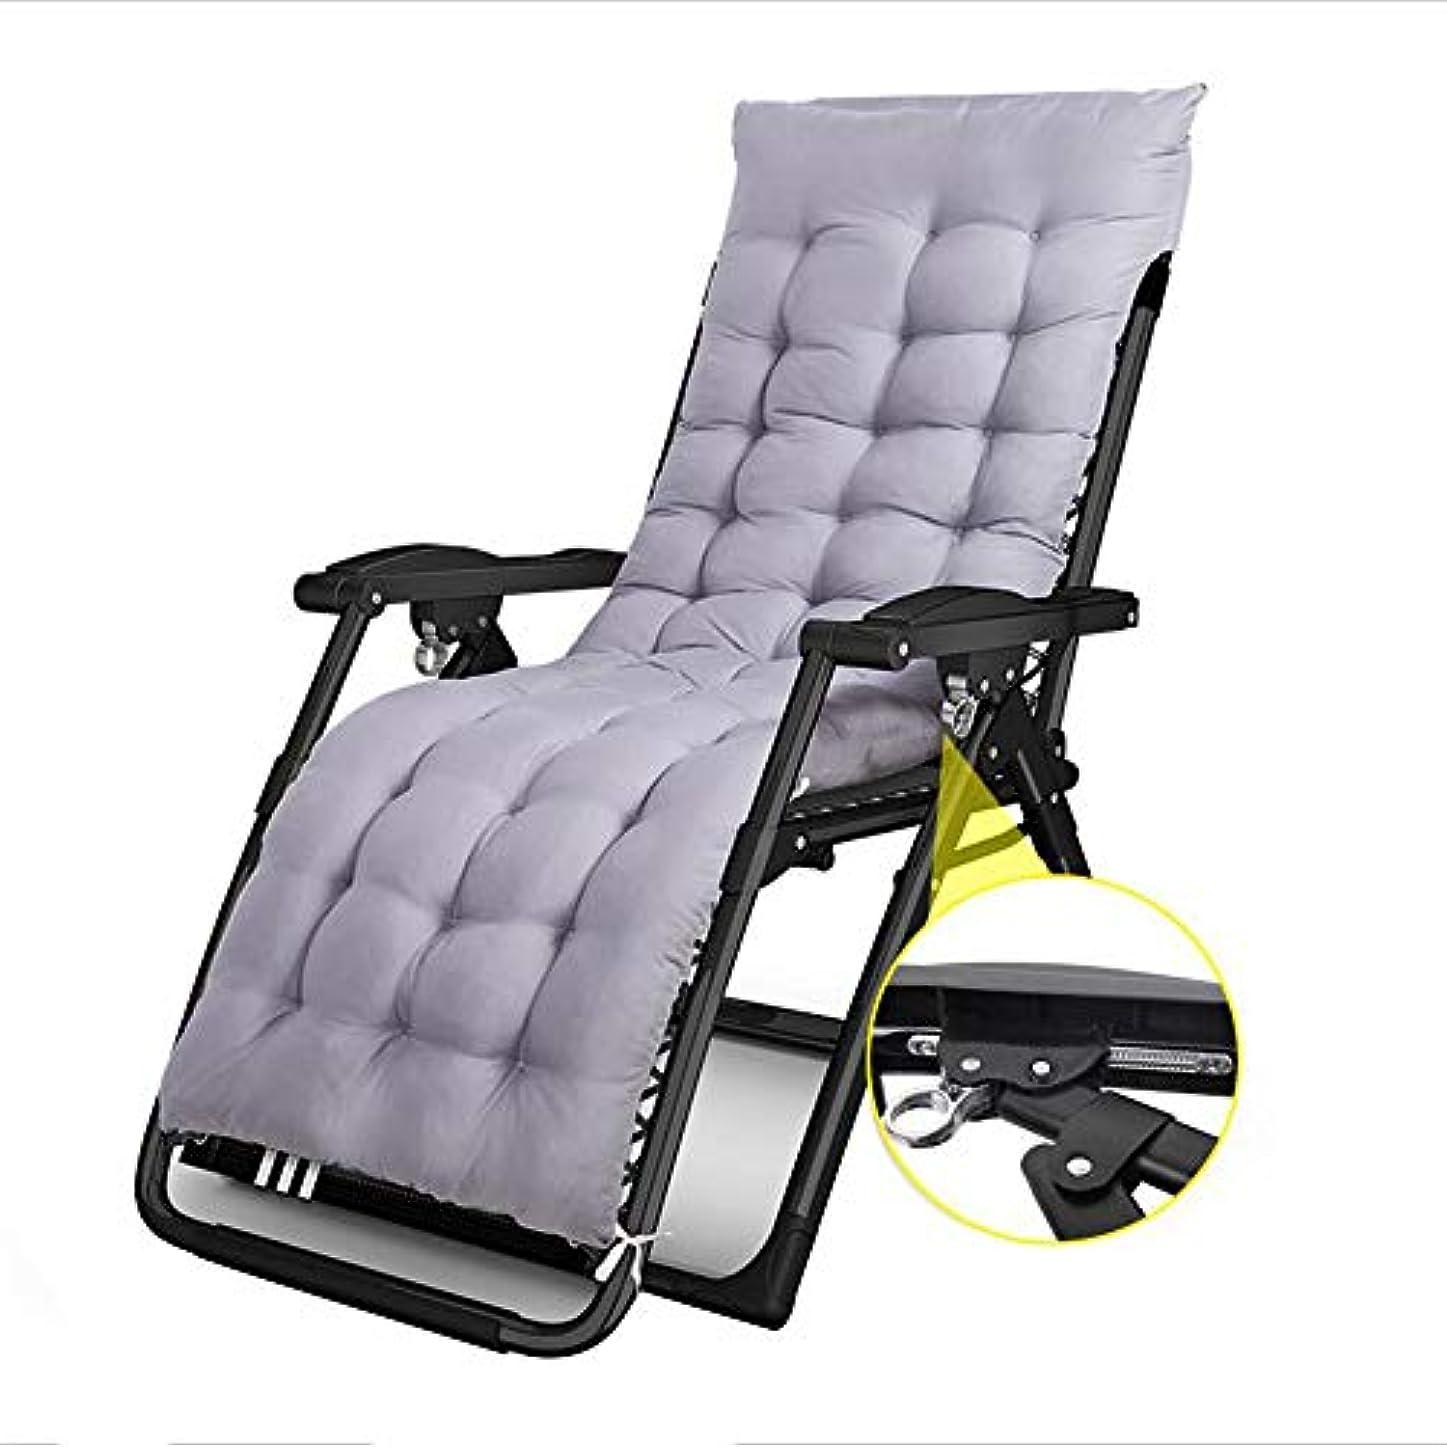 アダルトファンネルウェブスパイダー物質Tiao ZHAN ランチブレーキ 折りたたみ椅子/スリーピングチェア/ロッキングチェア/レジャー/大人用レジャーチェア/高齢者用椅子 AA